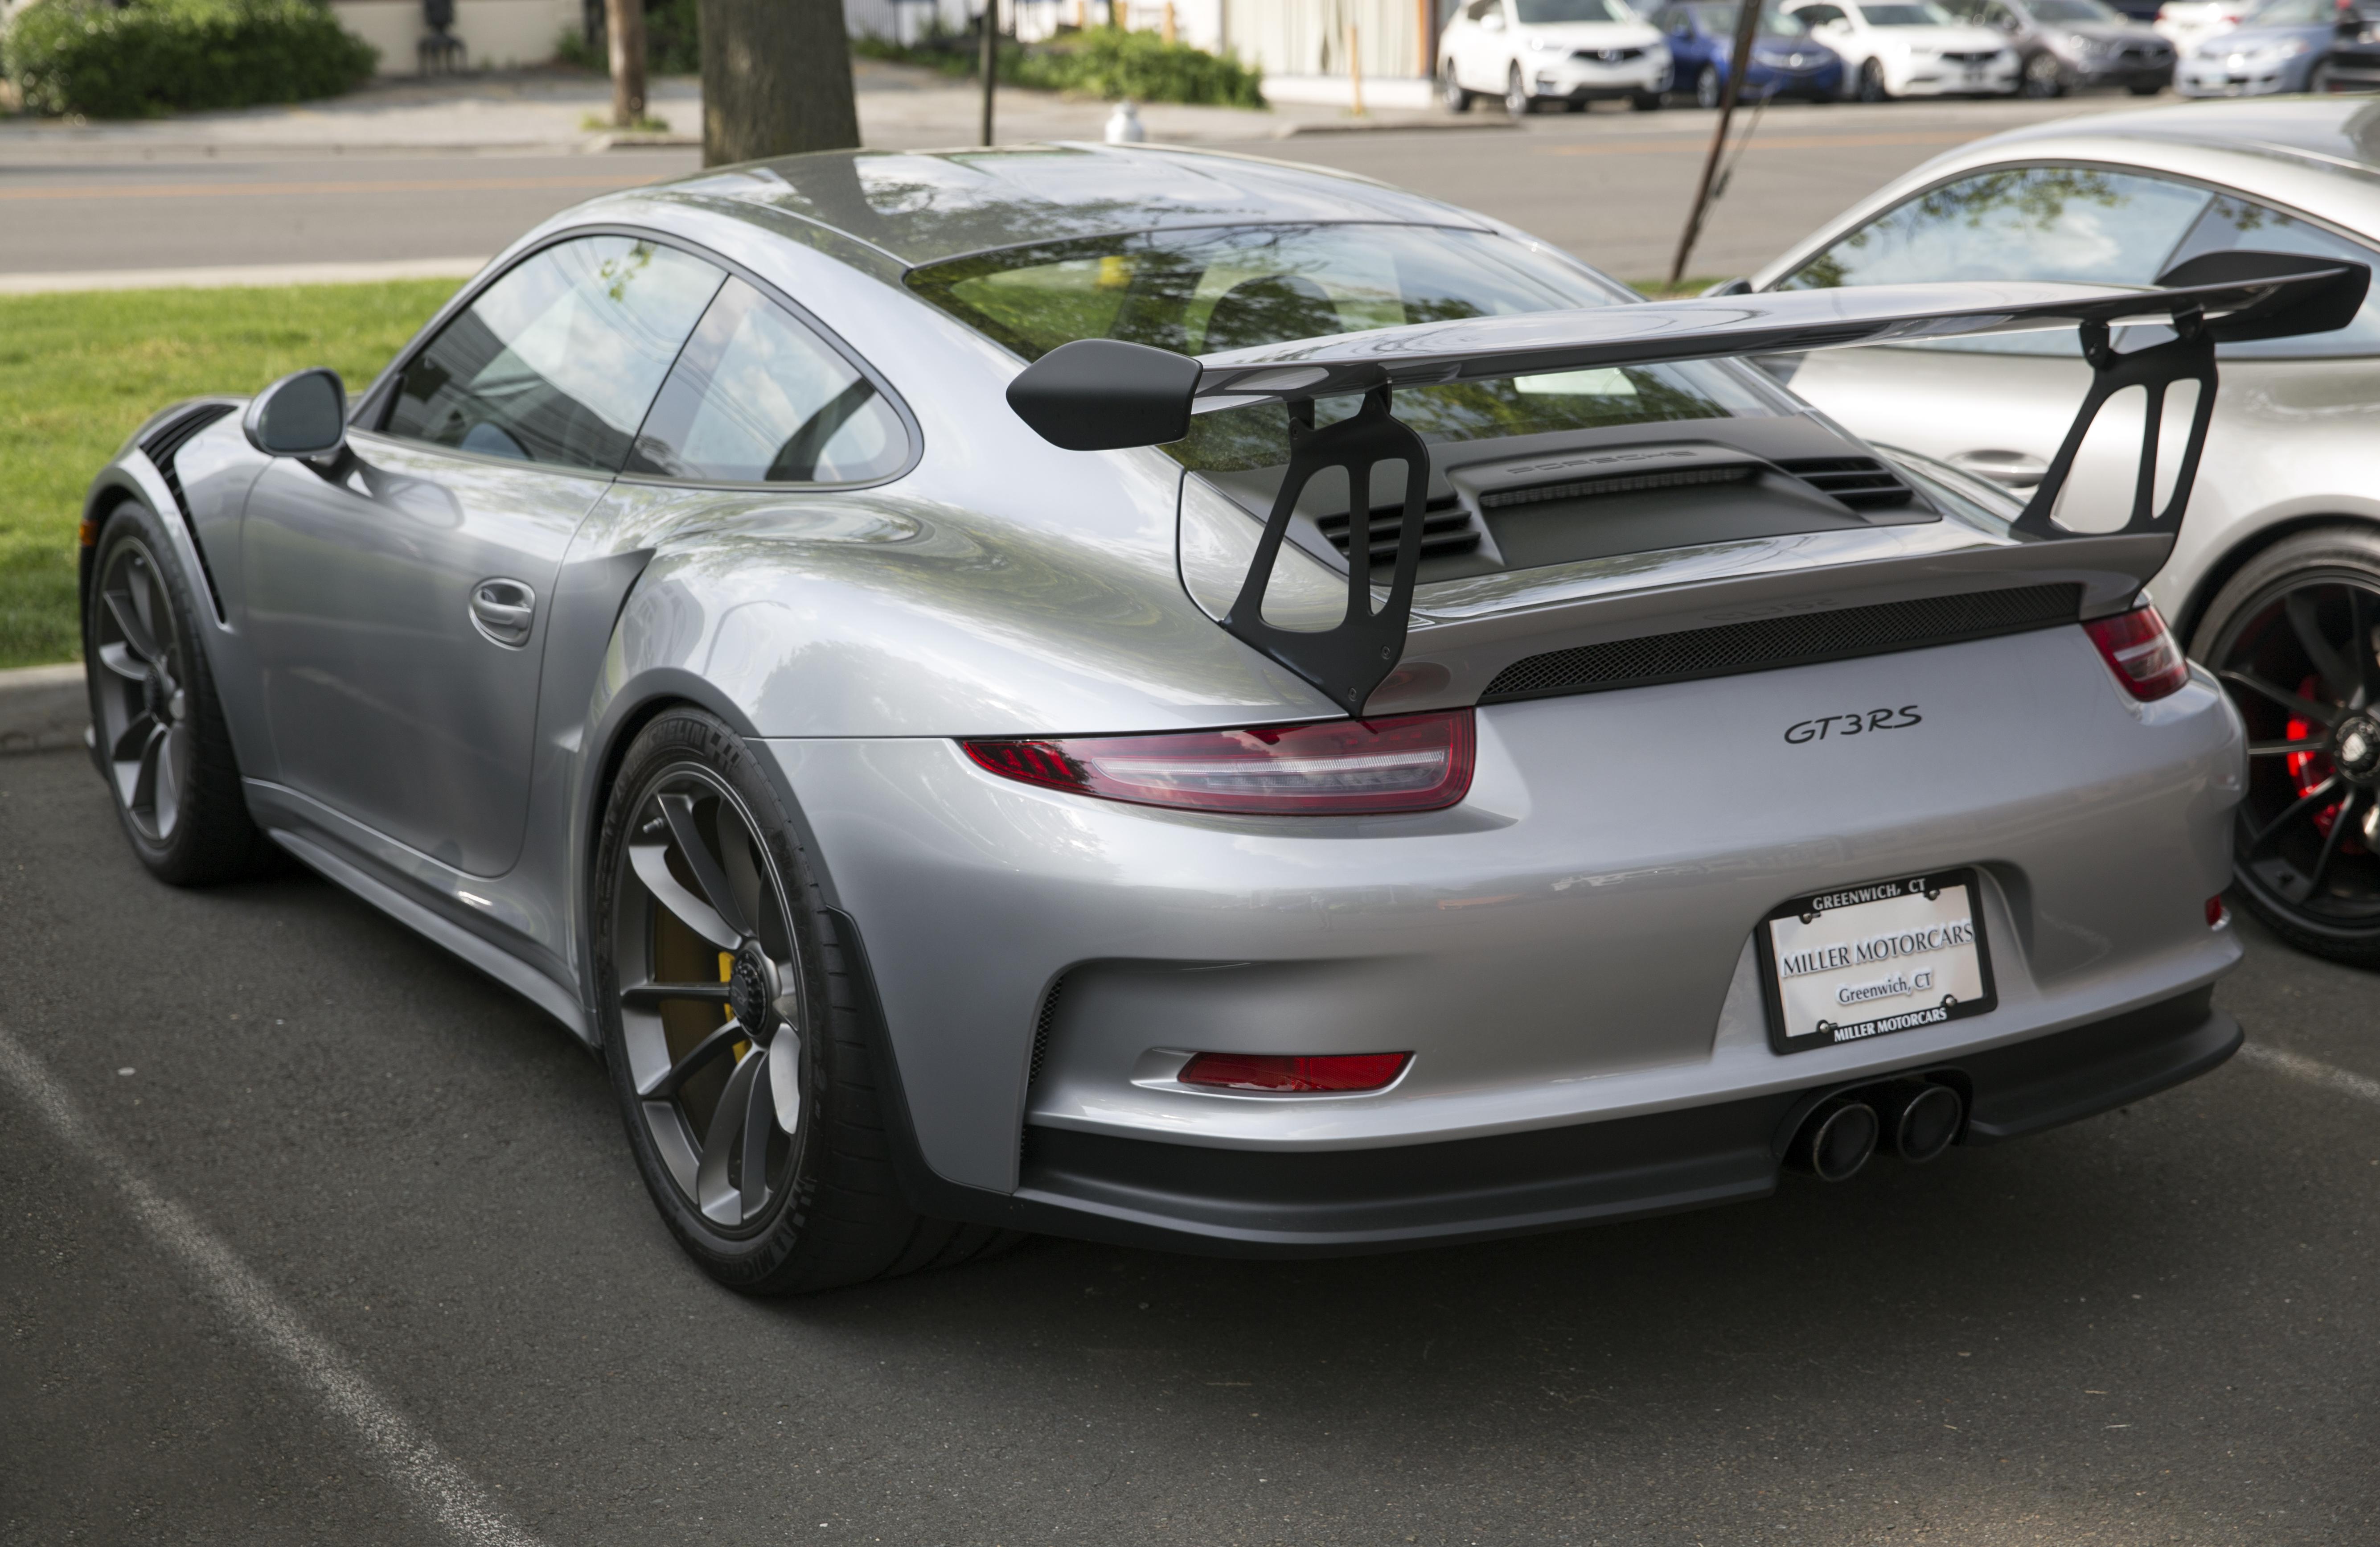 File:2016 Porsche 911 GT3 RS in GT Silver, rear left.jpg ...